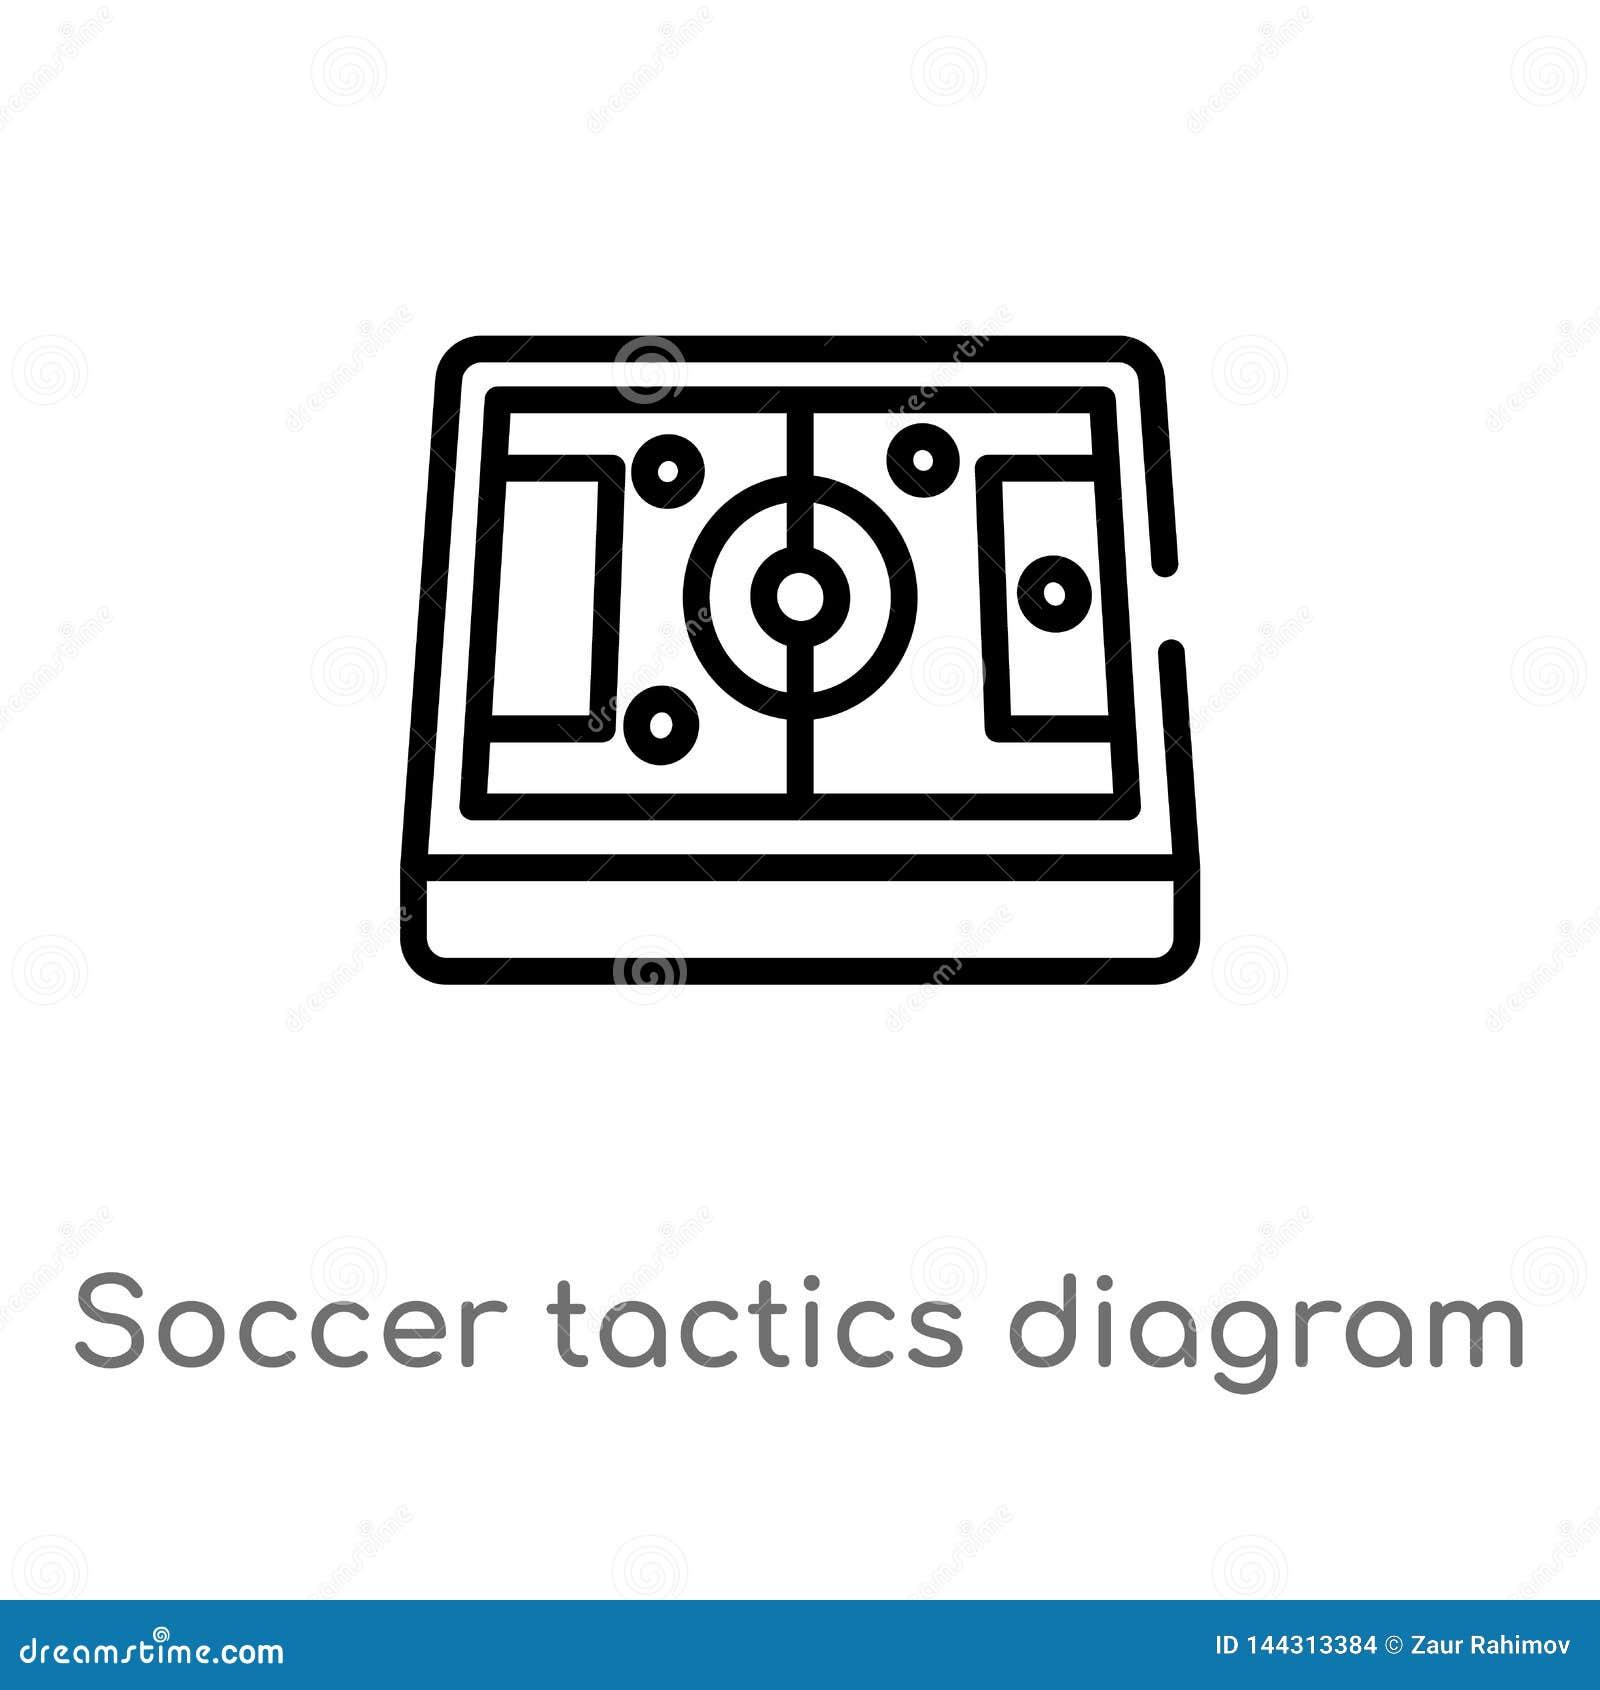 διανυσματικό εικονίδιο διαγραμμάτων τακτικής ποδοσφαίρου περιλήψεων απομονωμένη μαύρη απλή απεικόνιση στοιχείων γραμμών από την έ